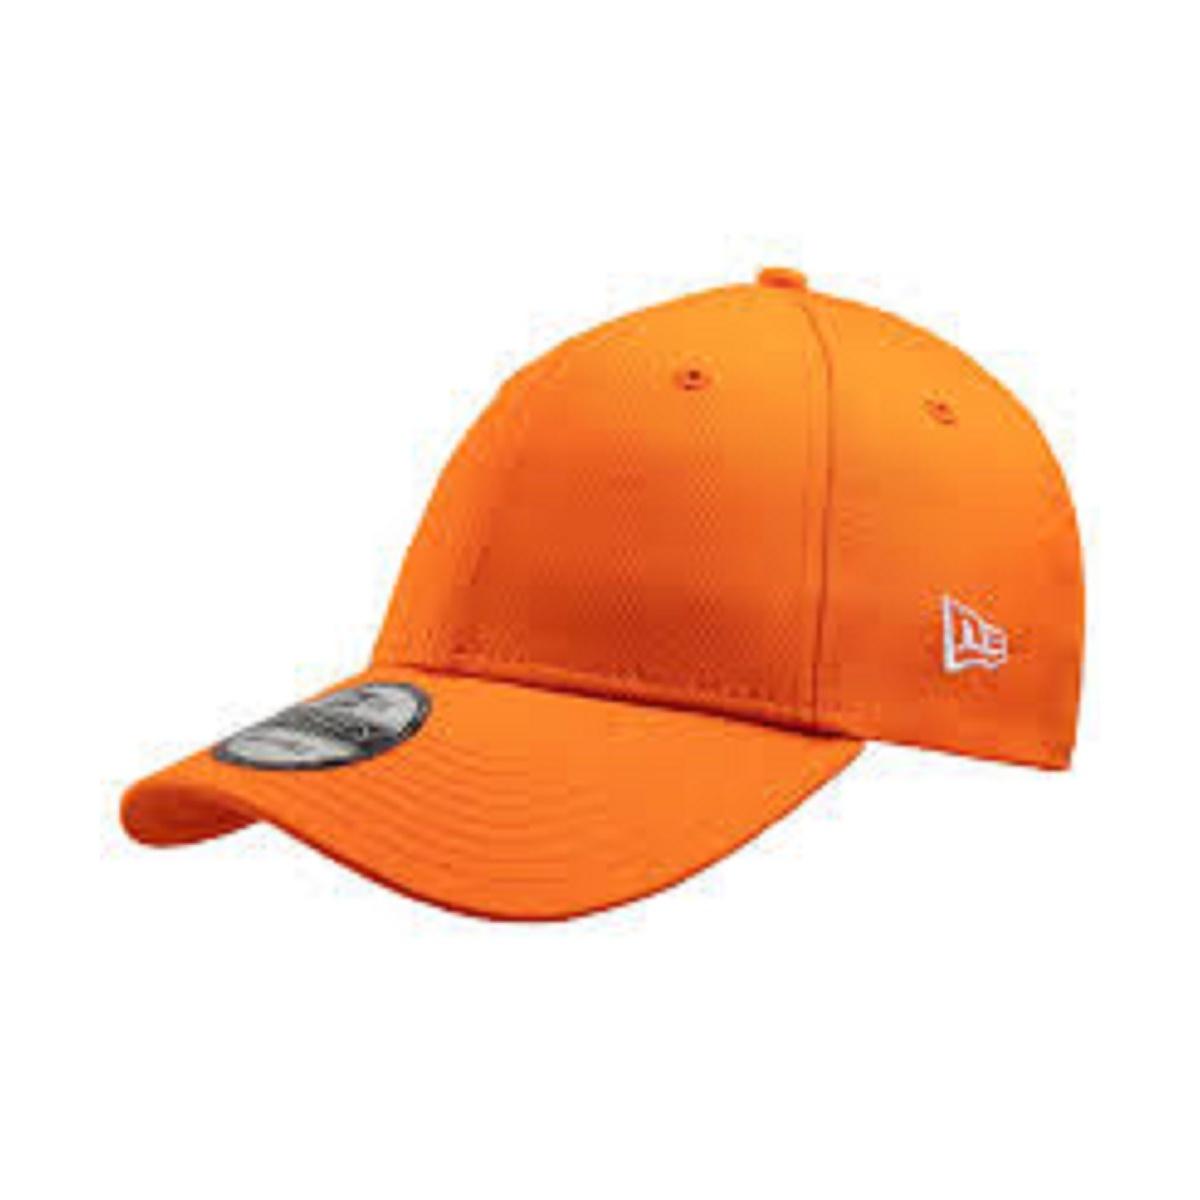 キャップ カジュアル スポーツ ストリート 新作送料無料 ベースボールキャップ ニューエラ 帽子 9FORTY New ユニセックス ブランド買うならブランドオフ 海外直送 Era